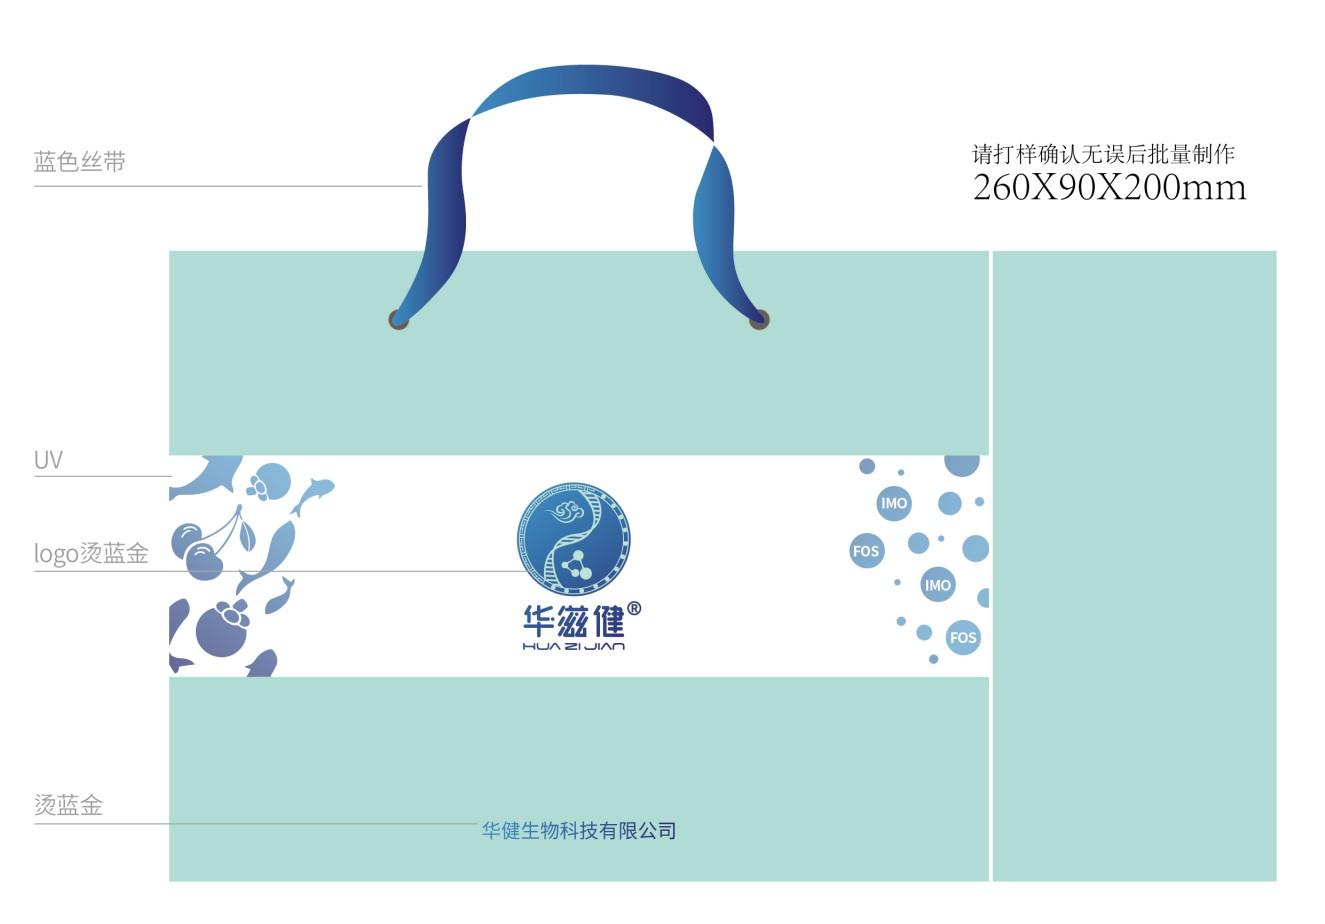 華健生物飲品包裝盒設計